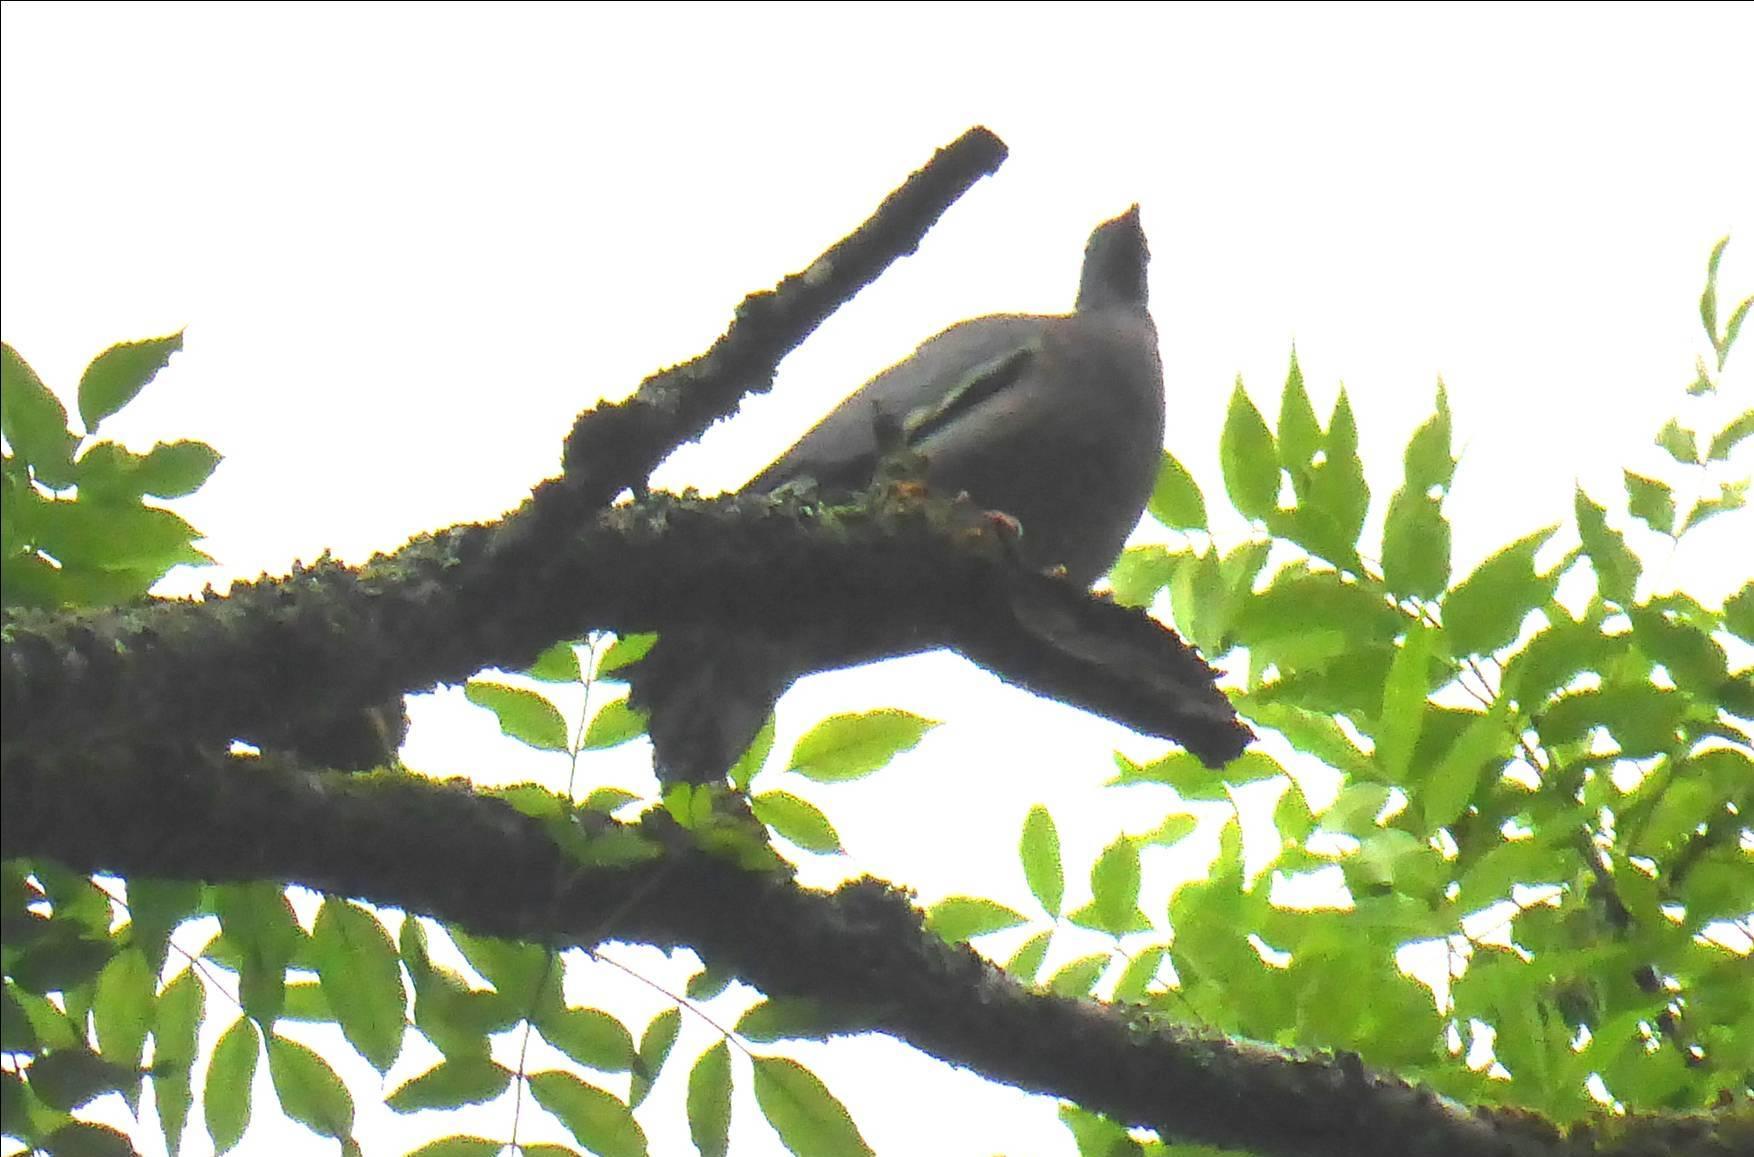 Ornithologie Sortie M-Françoise - Juin 2016 12.jpg